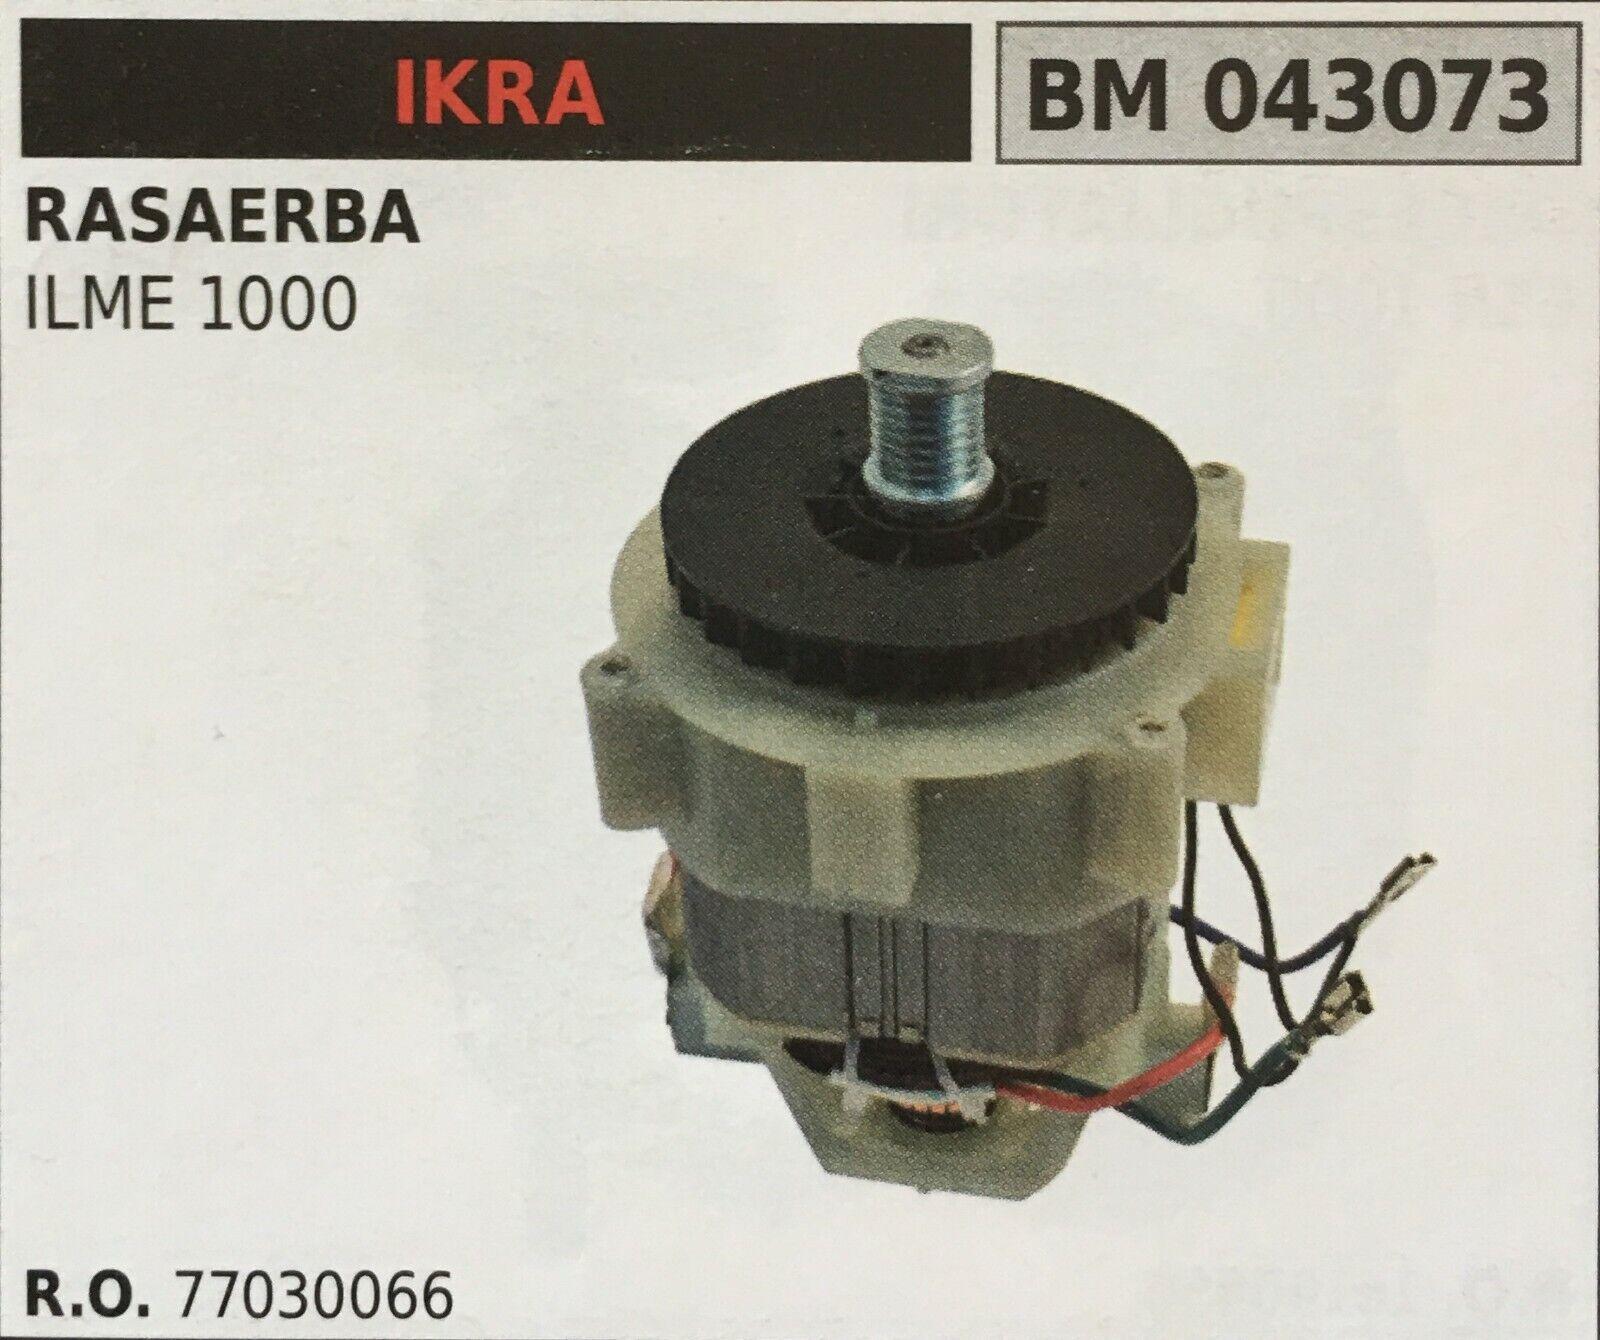 MOTORE ELETTRICO BRUMAR IKRA BM043073 RASAERBA ILME 1000